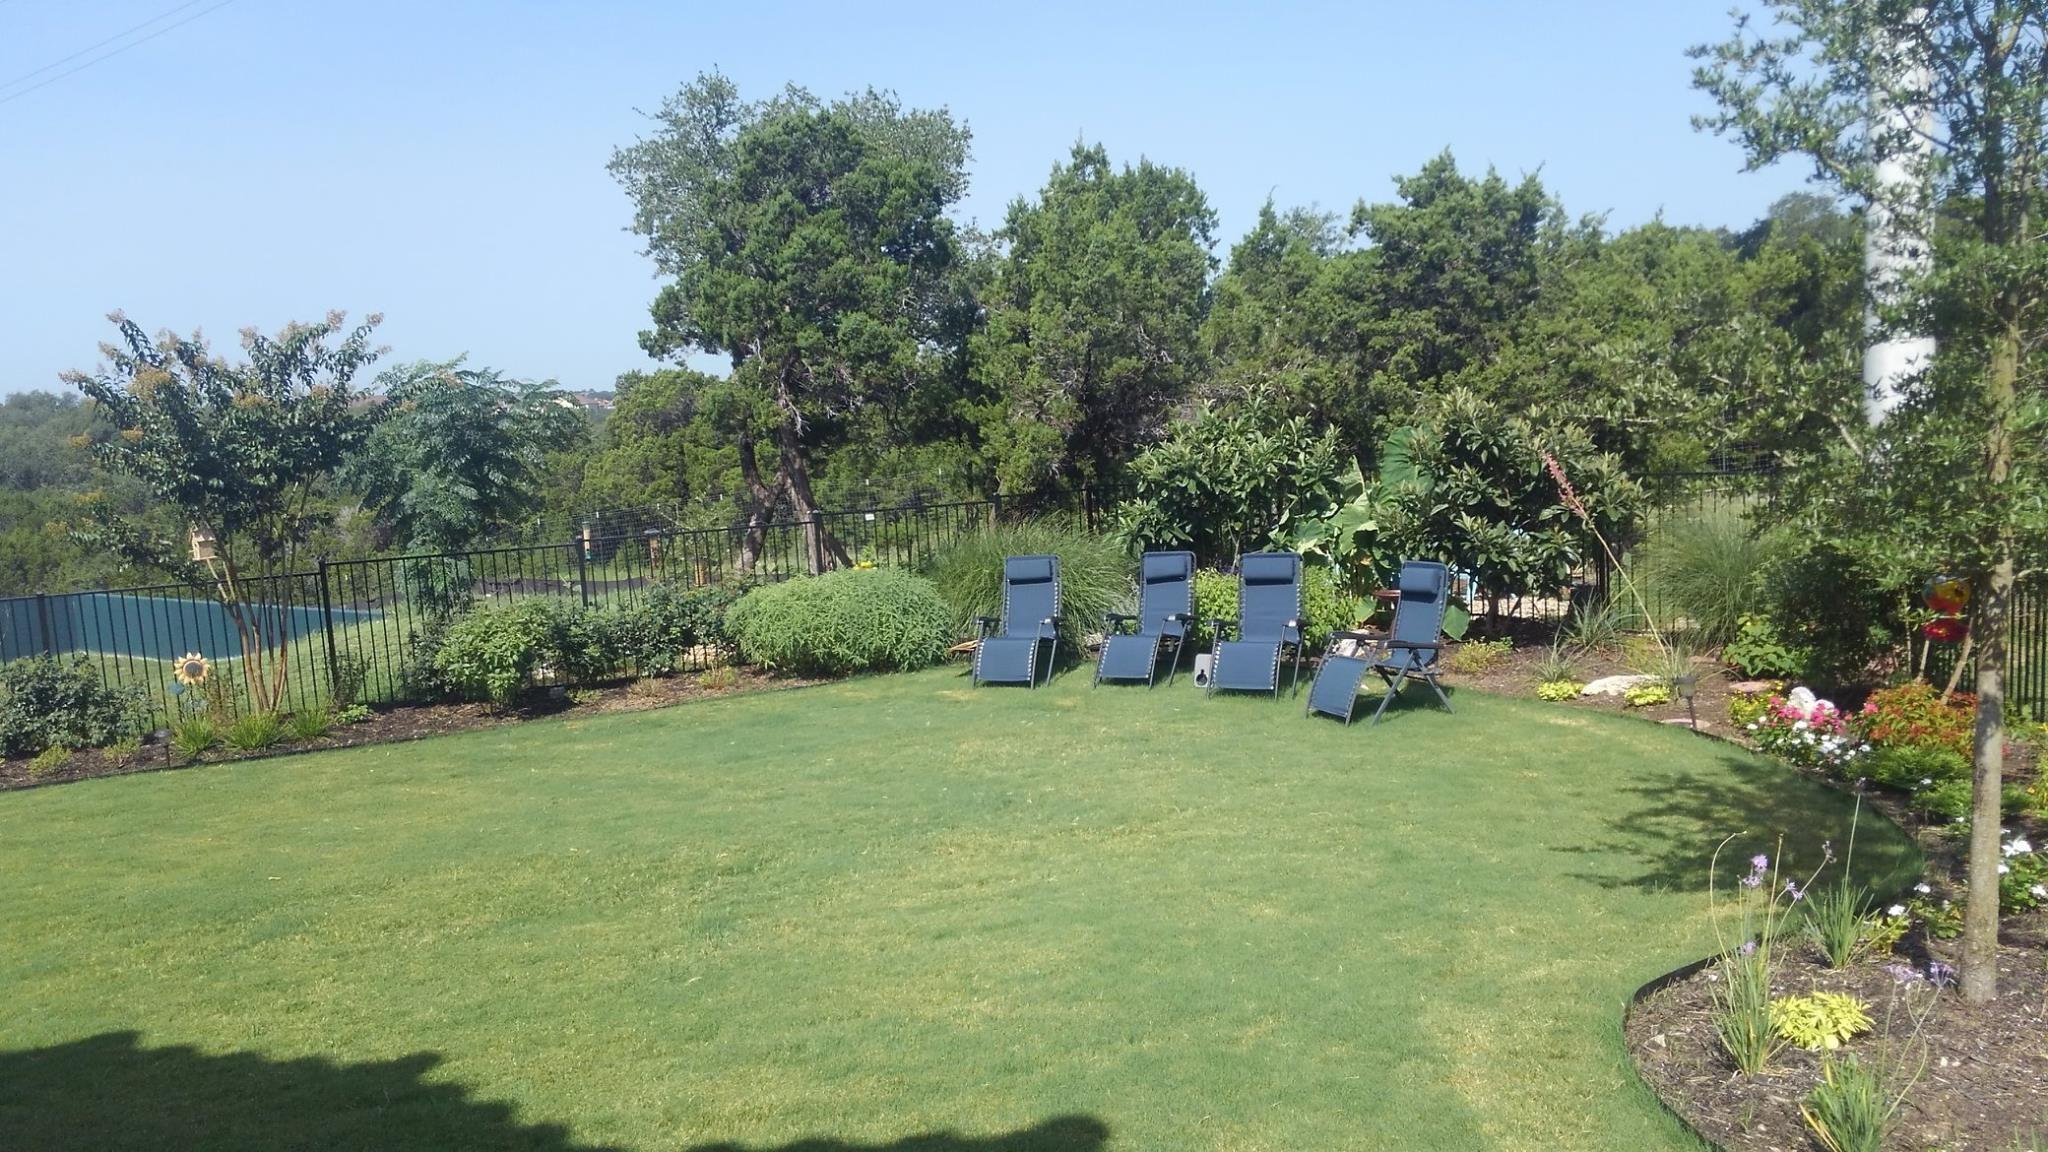 Now thats a pretty lawn good job guys lawncare lawn